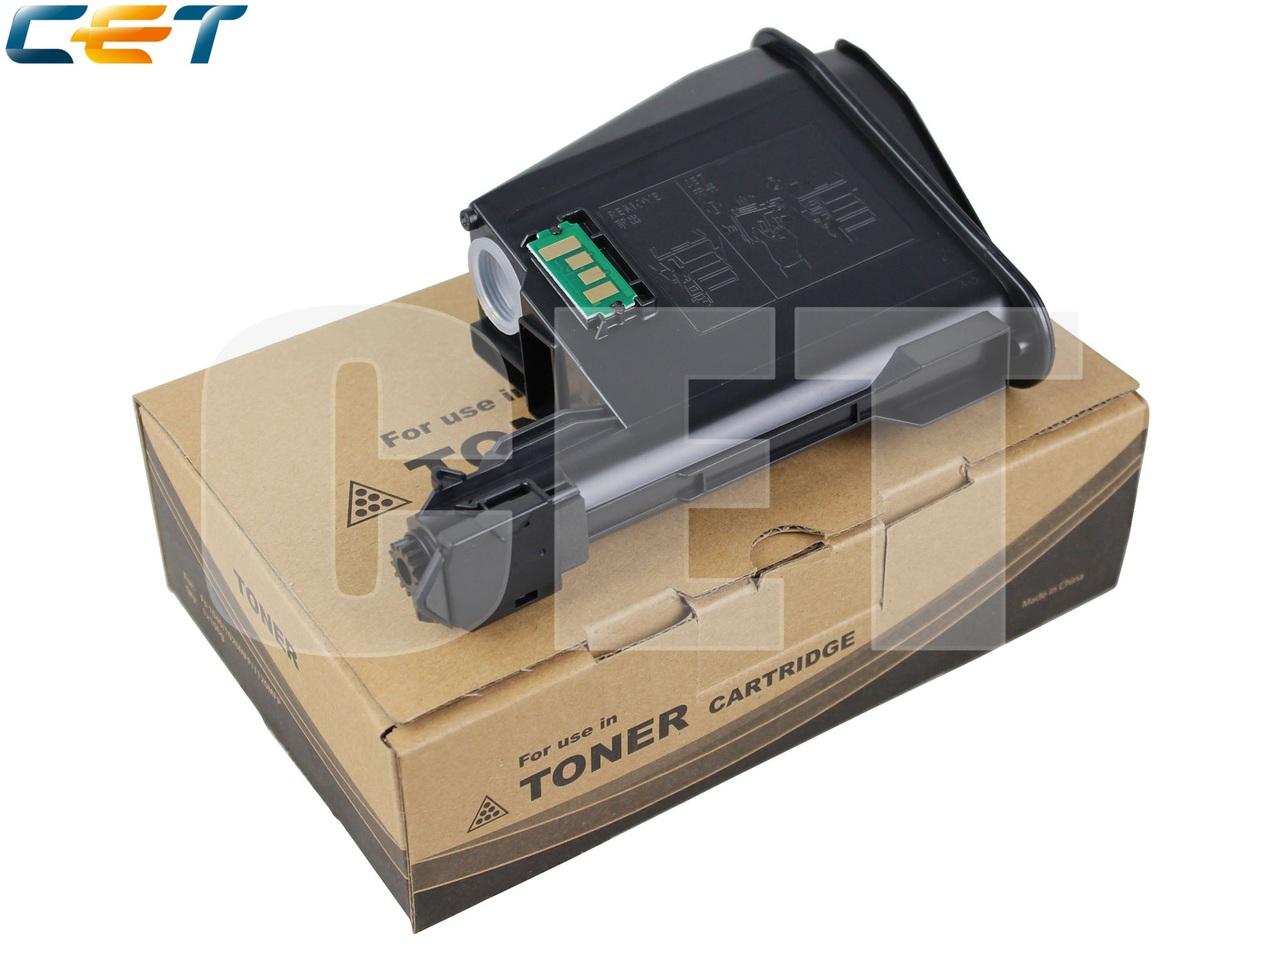 Тонер-картридж (PK9) TK-1120 для KYOCERAFS-1060DN/1025MFP/1125MFP (CET), 100г, 3000 стр., CET8180